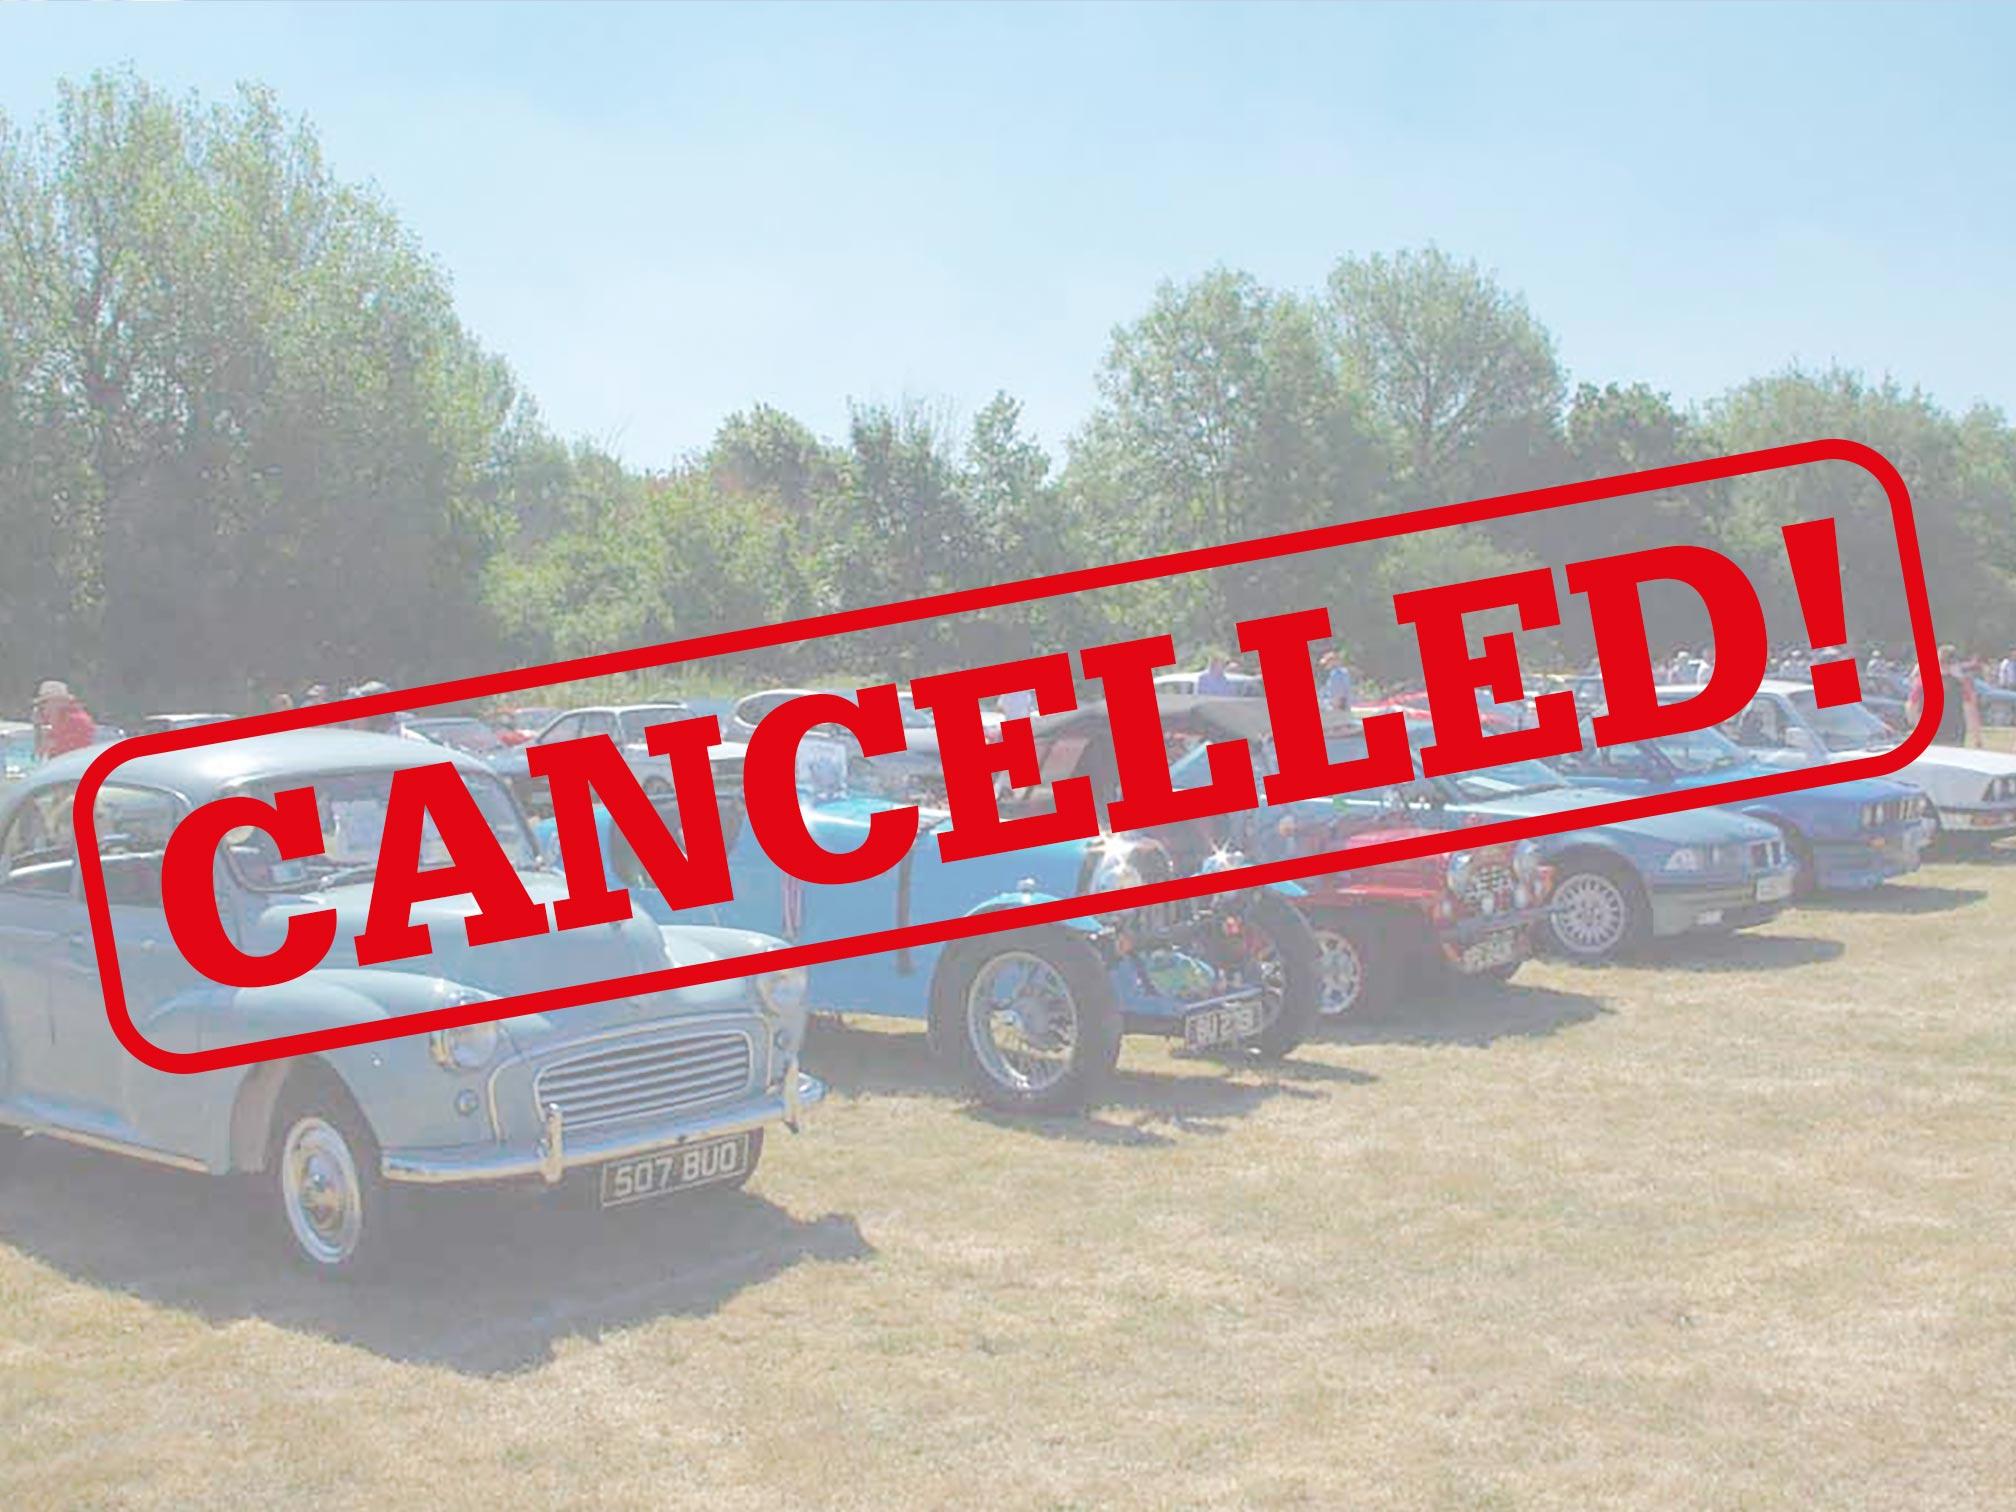 Uxbridge Autoshow - Middlesex Showground10am - 5pm